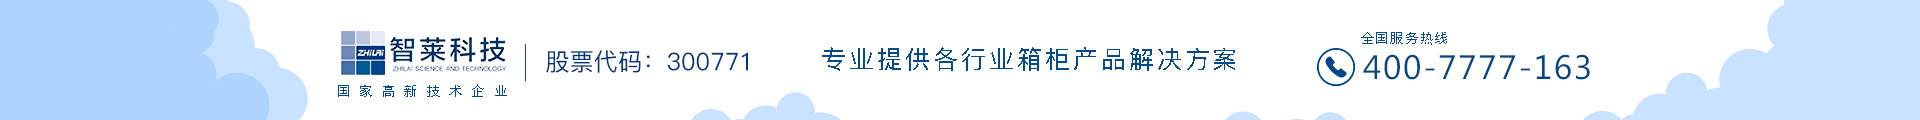 深圳市智莱科技股份有限公司